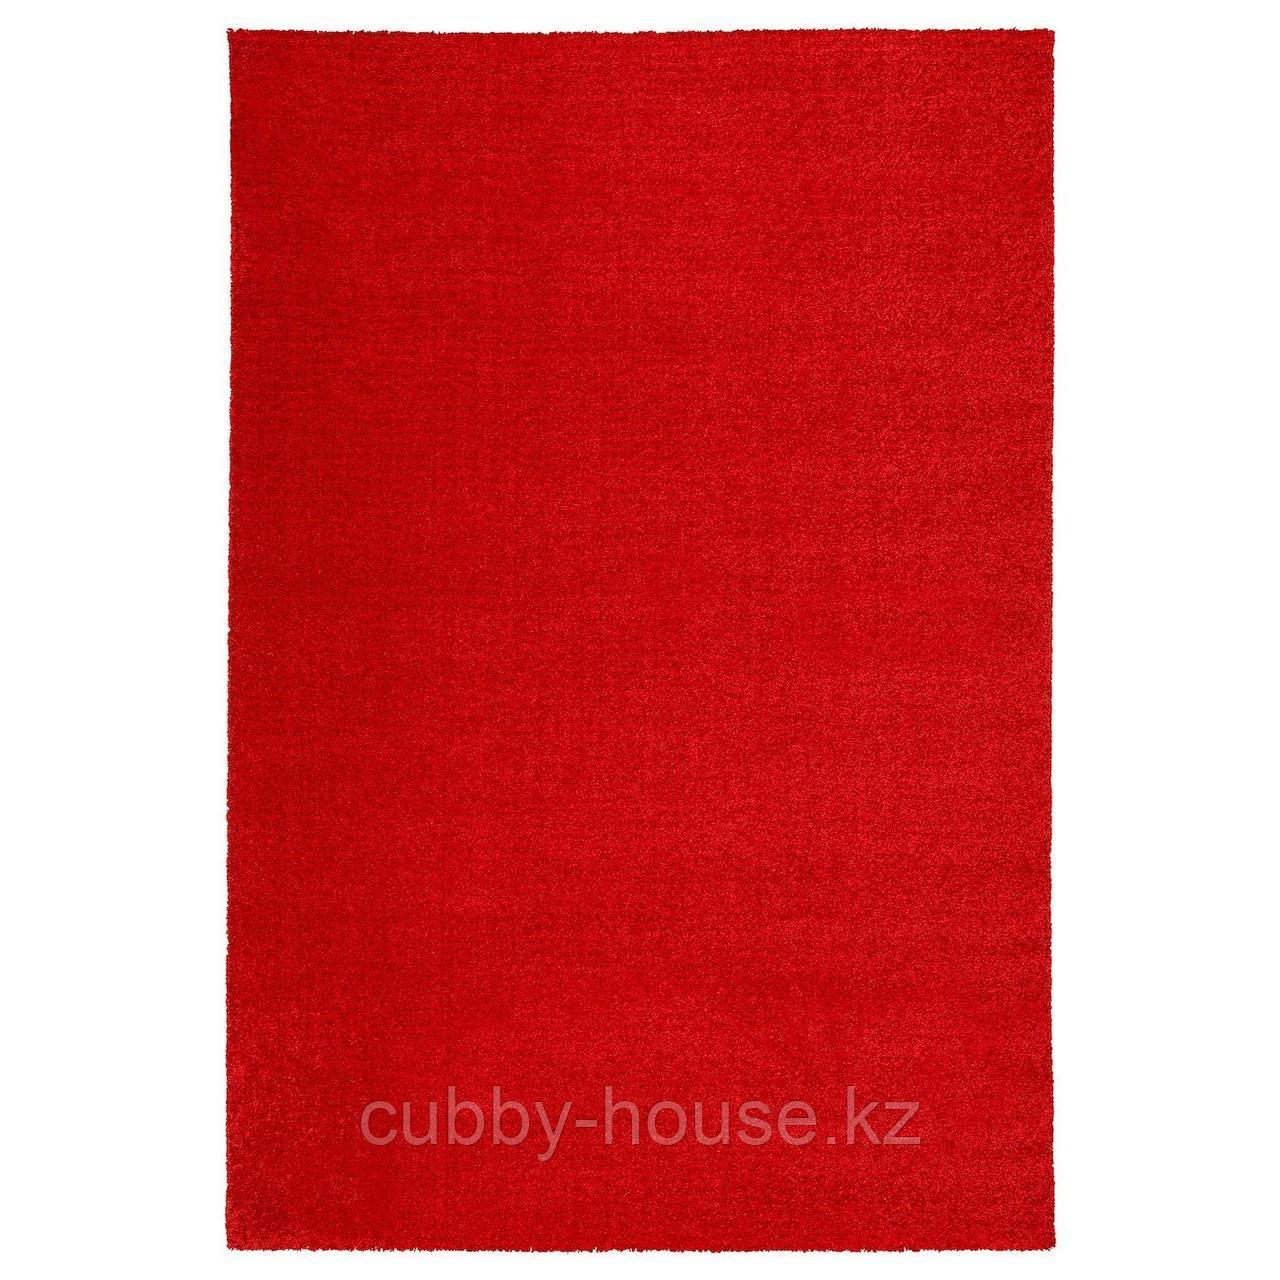 ЛАНГСТЕД Ковер, короткий ворс, красный, 133x195 см